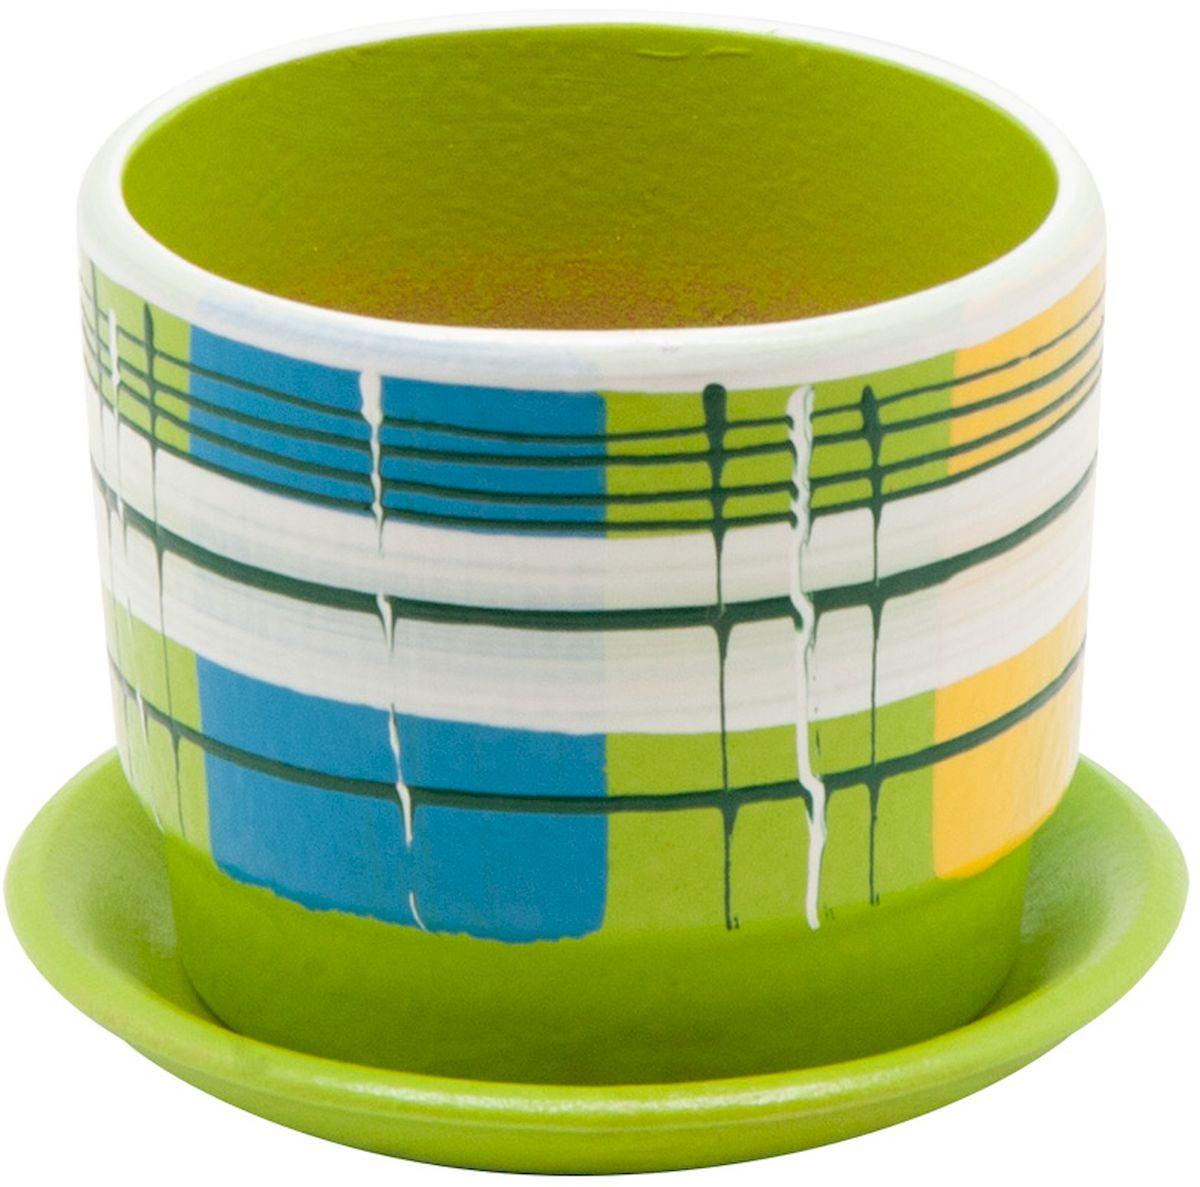 Горшок цветочный Engard, с поддоном, цвет: зеленый, 0,3 лBH-07-7Керамический горшок - это идеальное решение для выращивания комнатных растений и создания изысканности в интерьере. Керамический горшок сделан из высококачественной глины в классической форме и оригинальном дизайне.